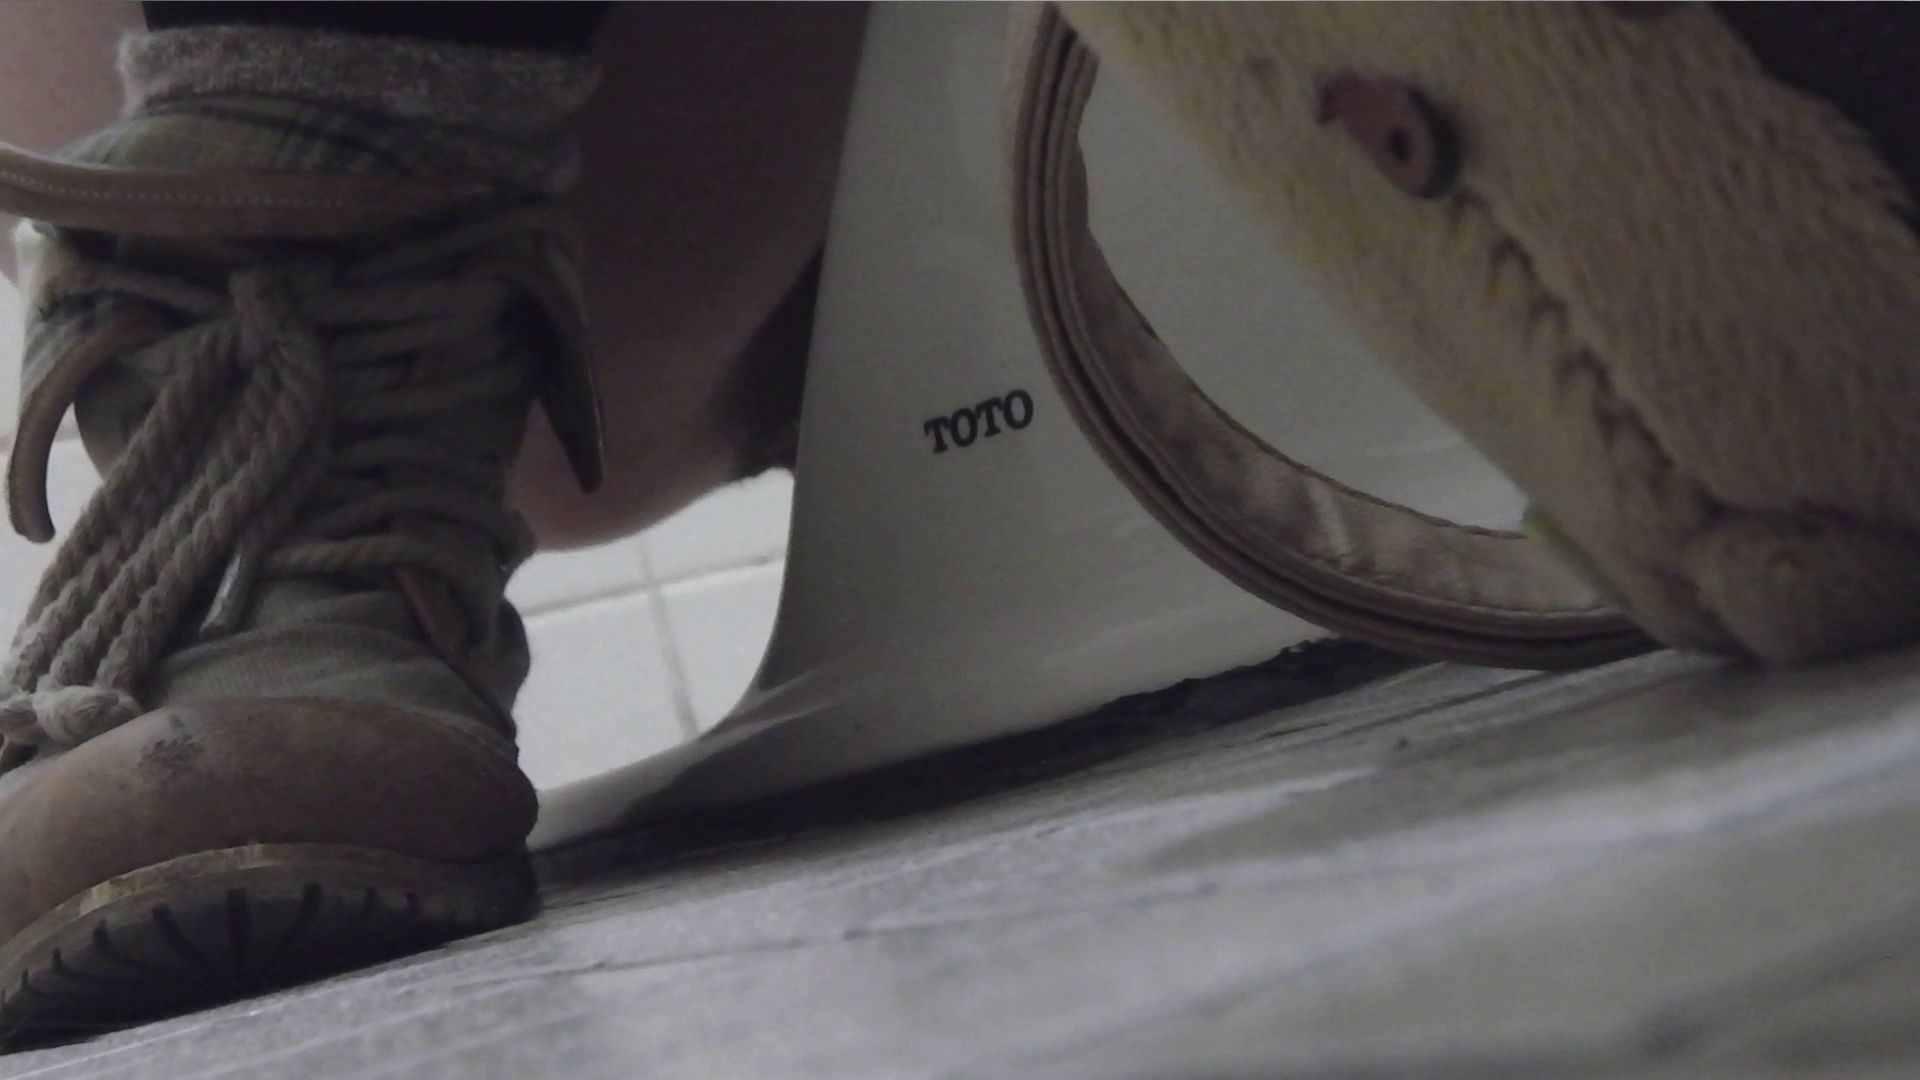 vol.08 命がけ潜伏洗面所! 黒ストッキングが流行りです。 洗面所 盗撮戯れ無修正画像 92PICs 18